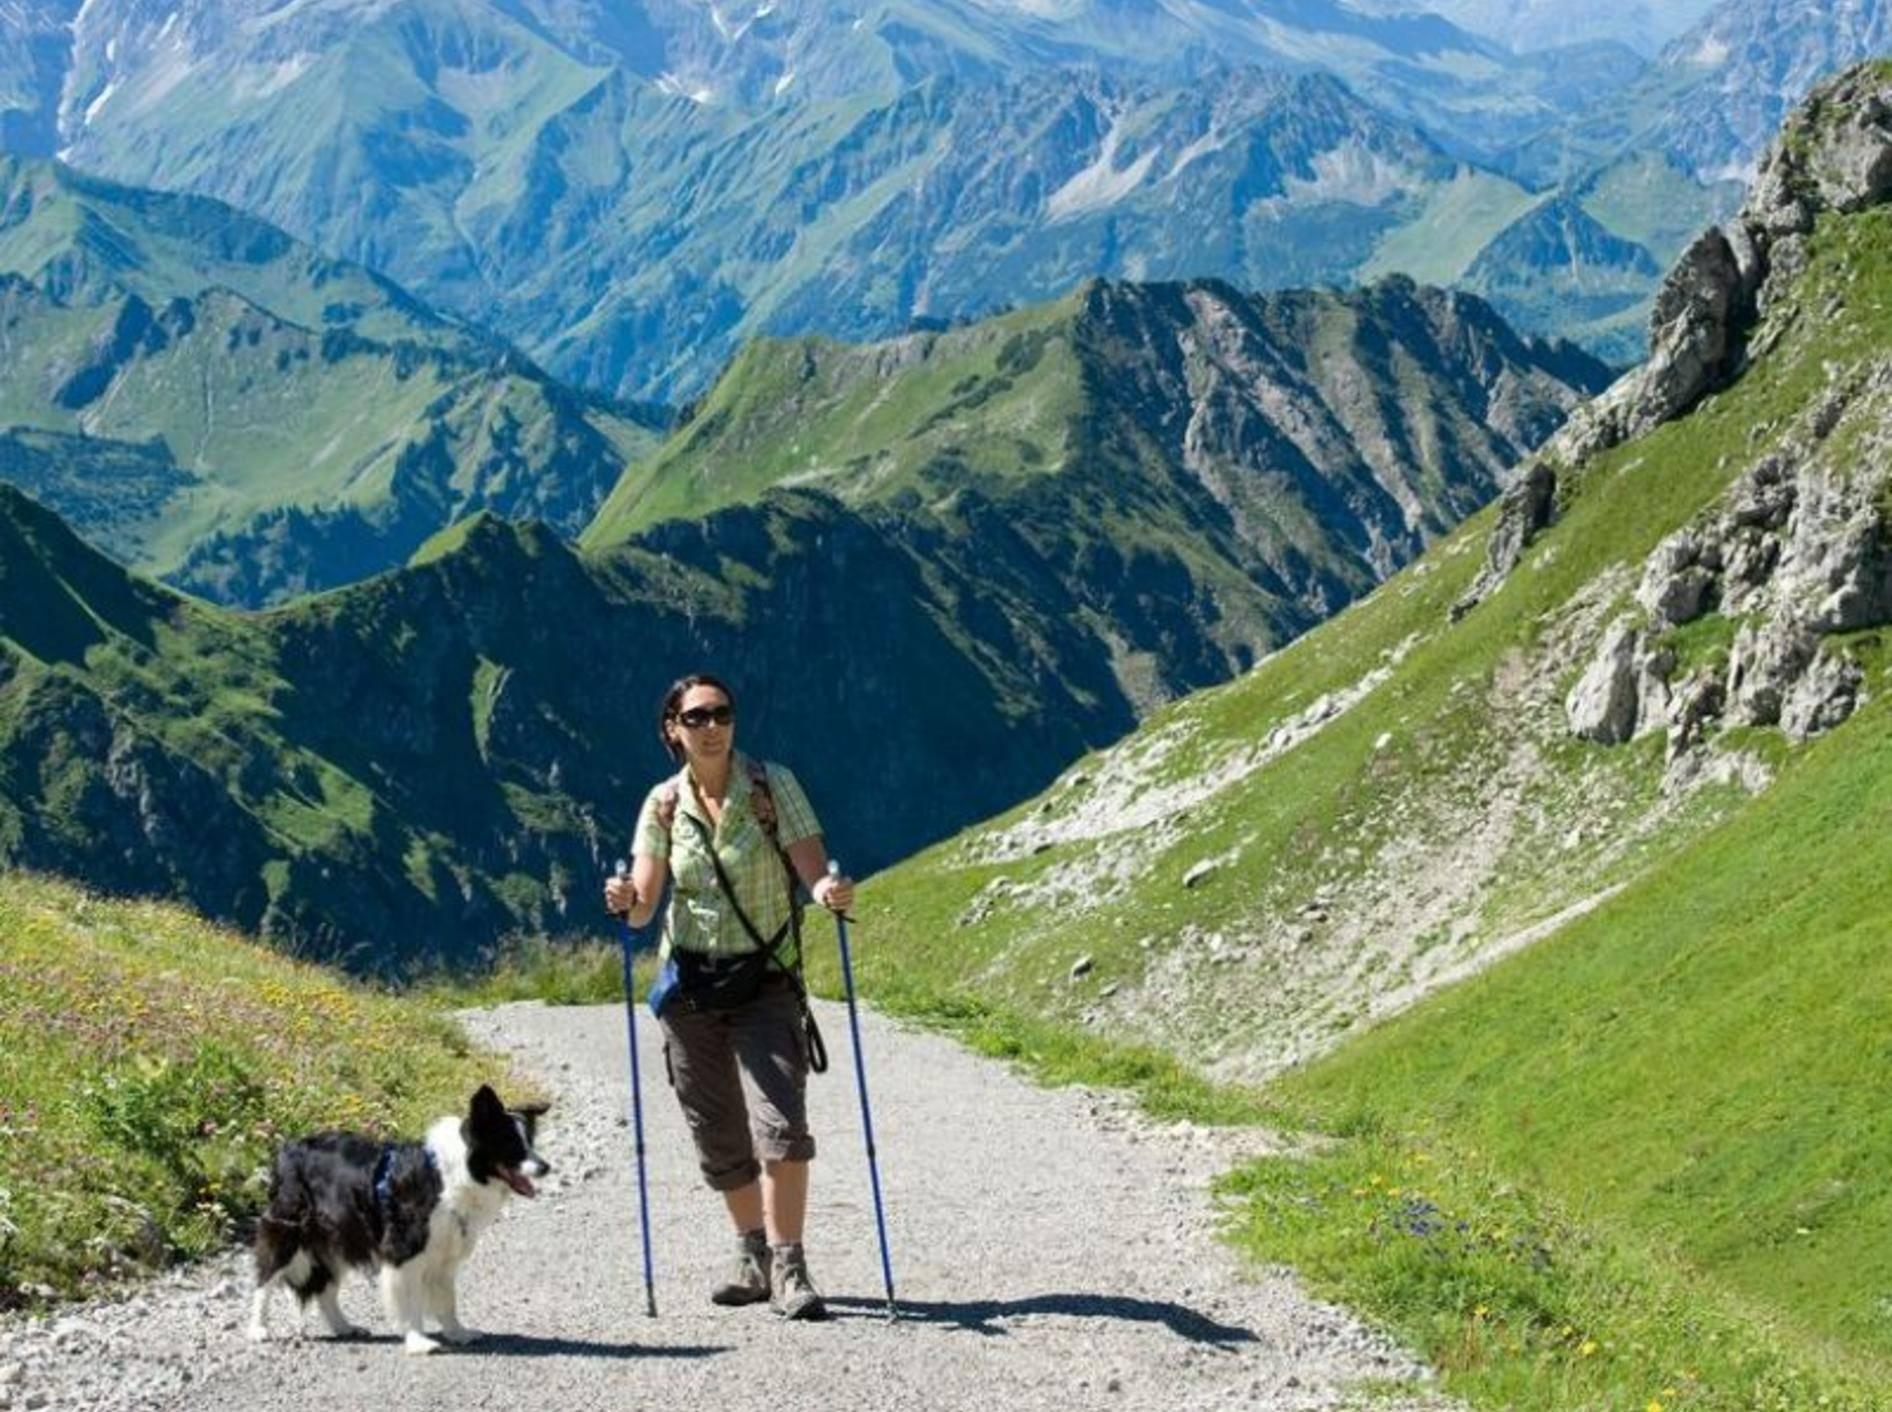 Hund-Herrchen-Berge-Strasse-Hundehaftpflicht-Deutschland